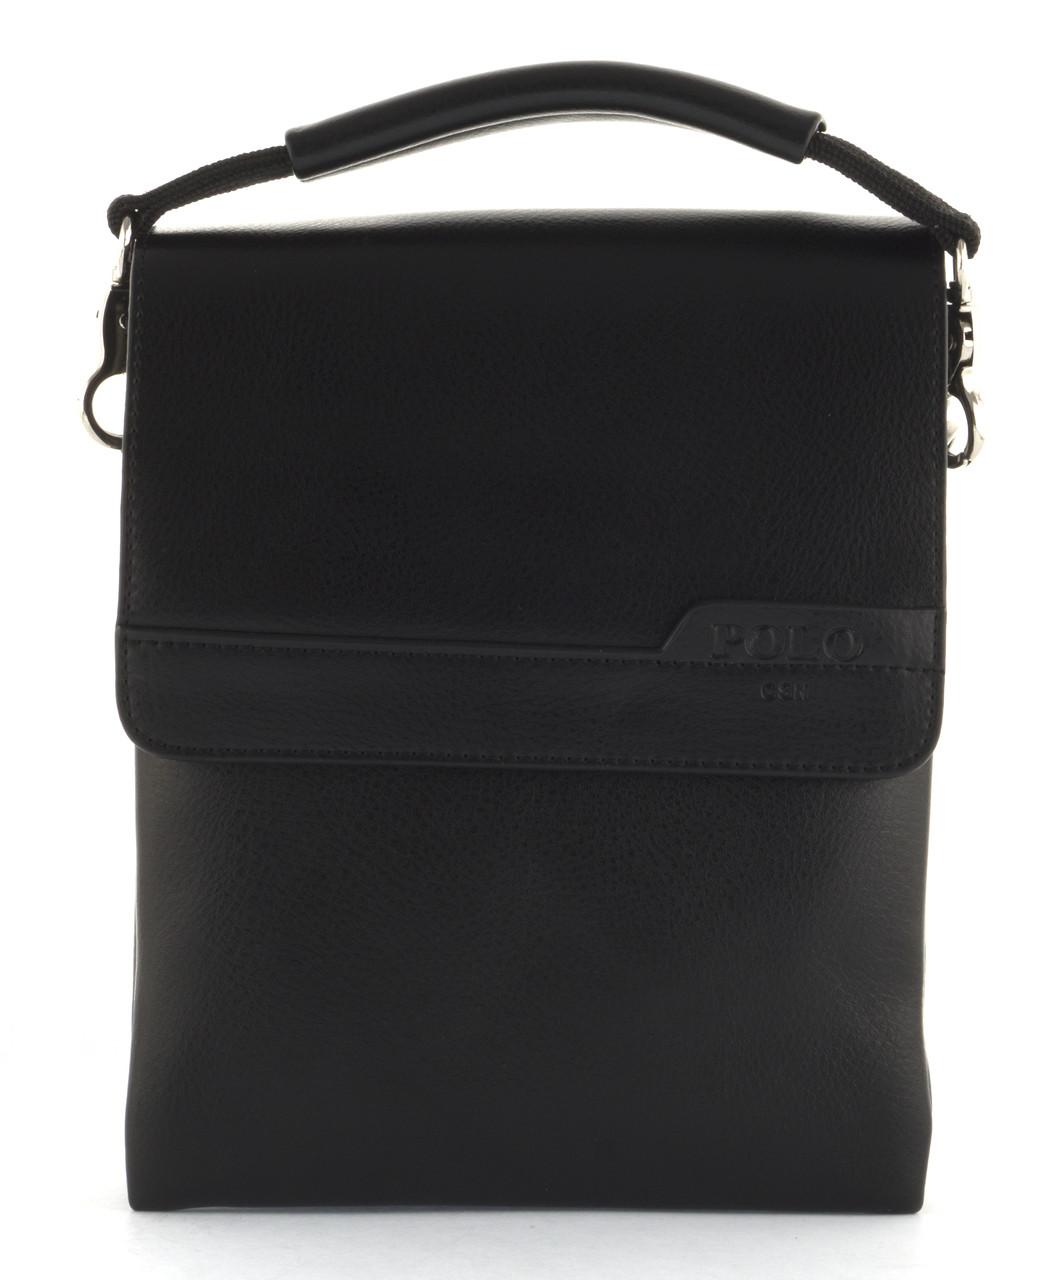 Якісна міцна чоловіча сумка почтальонка з якісної шкіри PU POLO art. B363-1 чорний